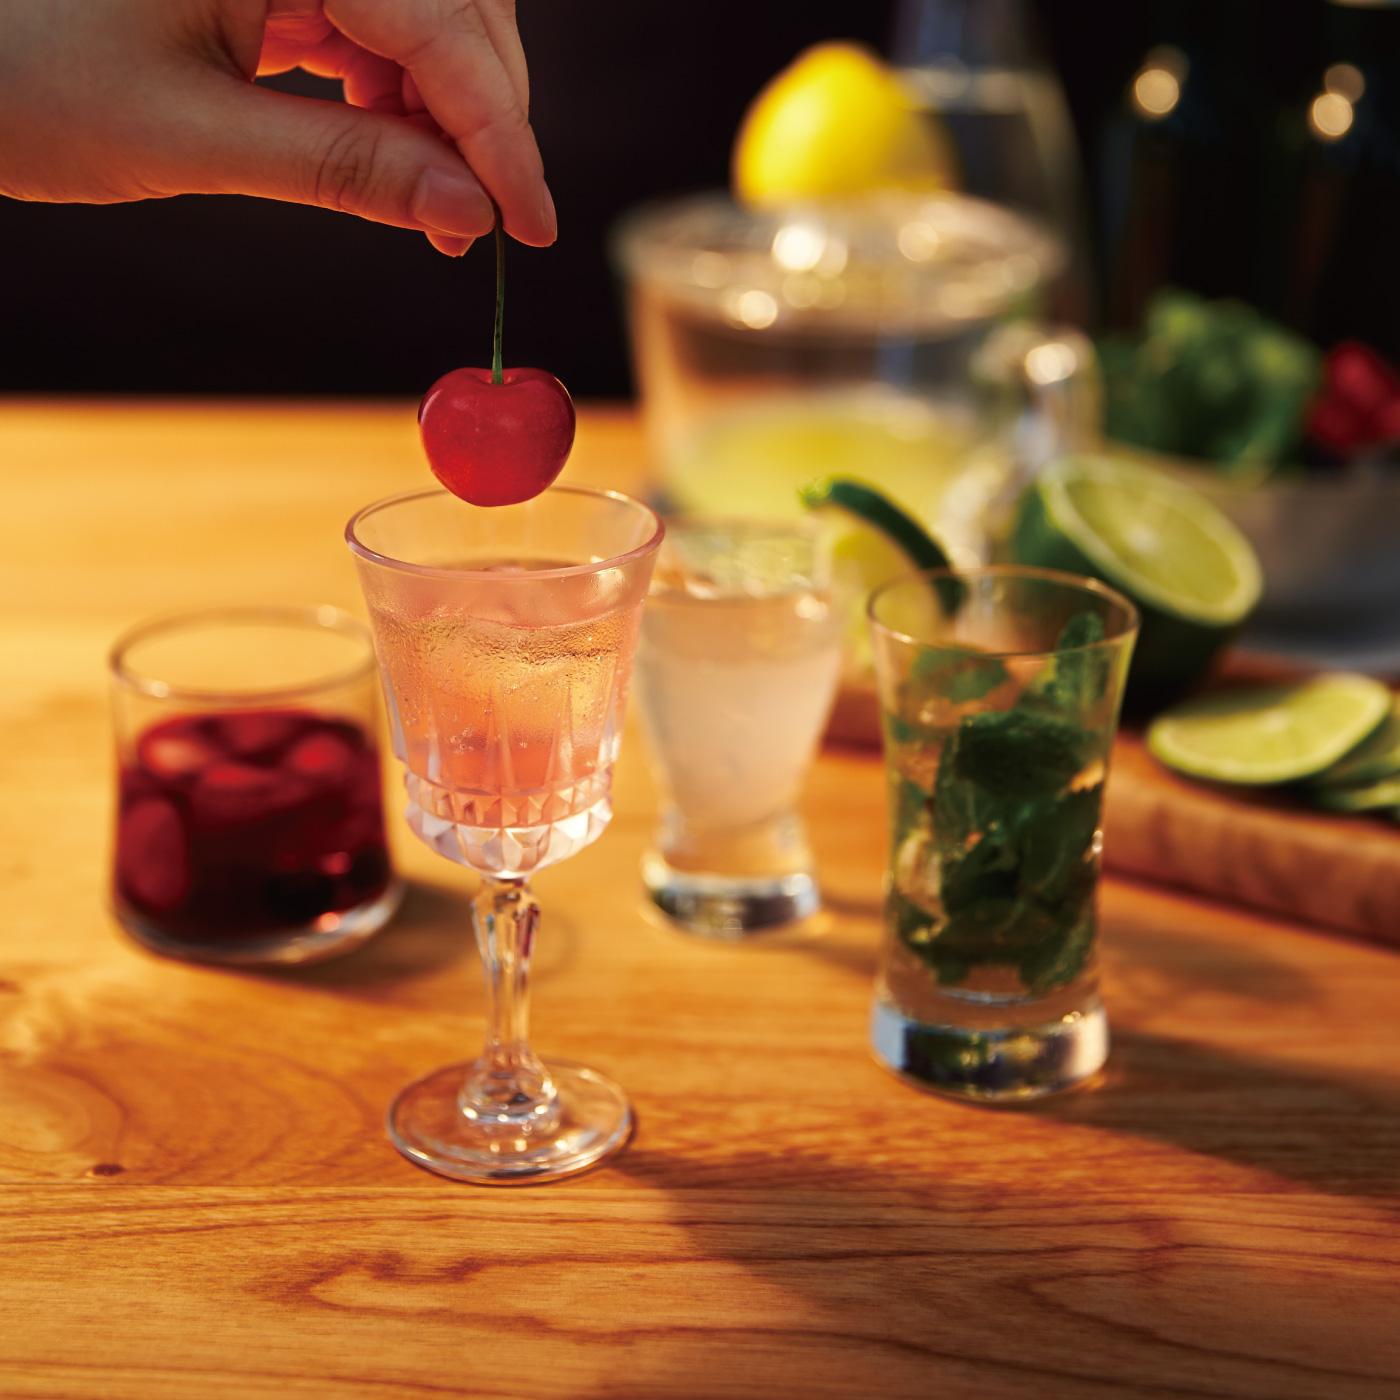 お酒となかよくなるプログラムをみんなで楽しむミニグラス